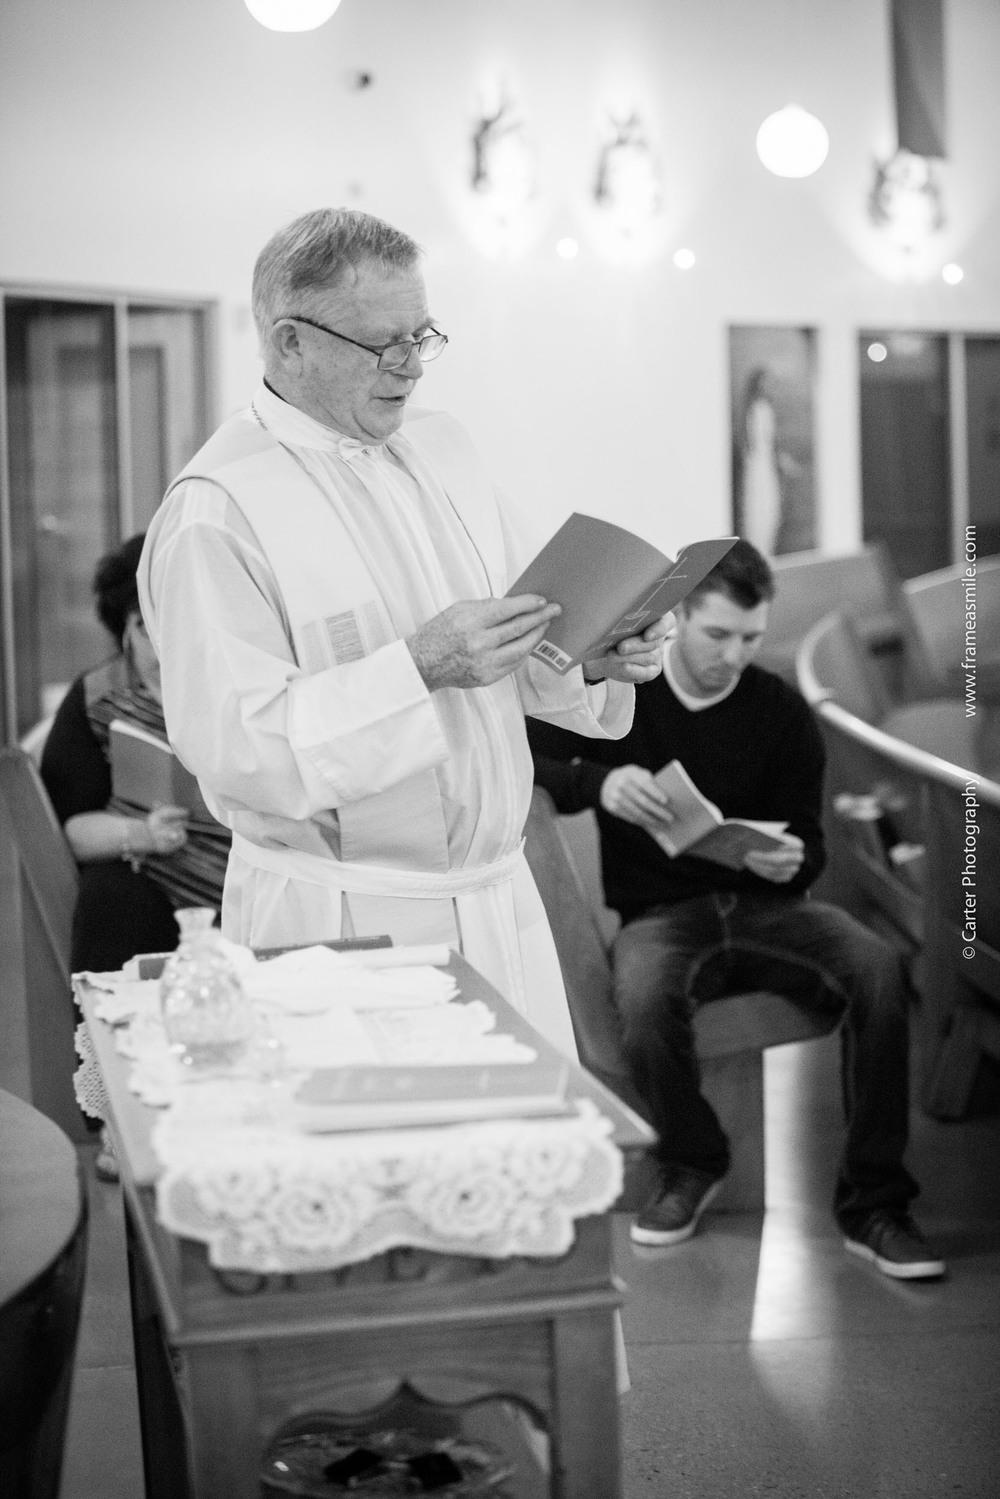 CarterPhotogreekorthadoxbaptism--106.jpg